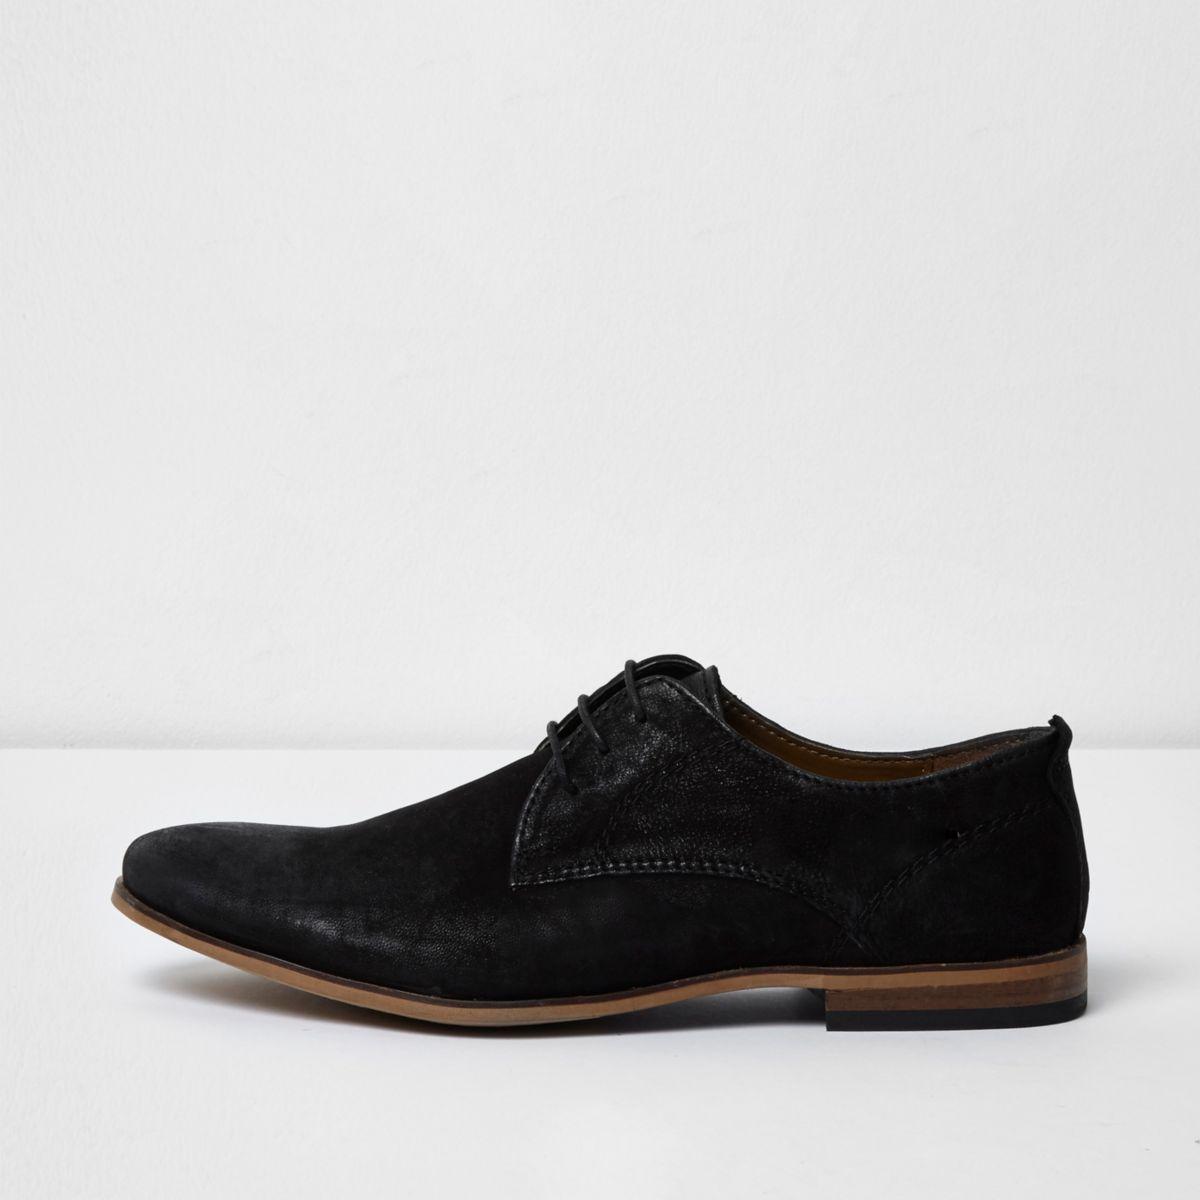 Chaussures habillées en cuir ciré noires à lacets